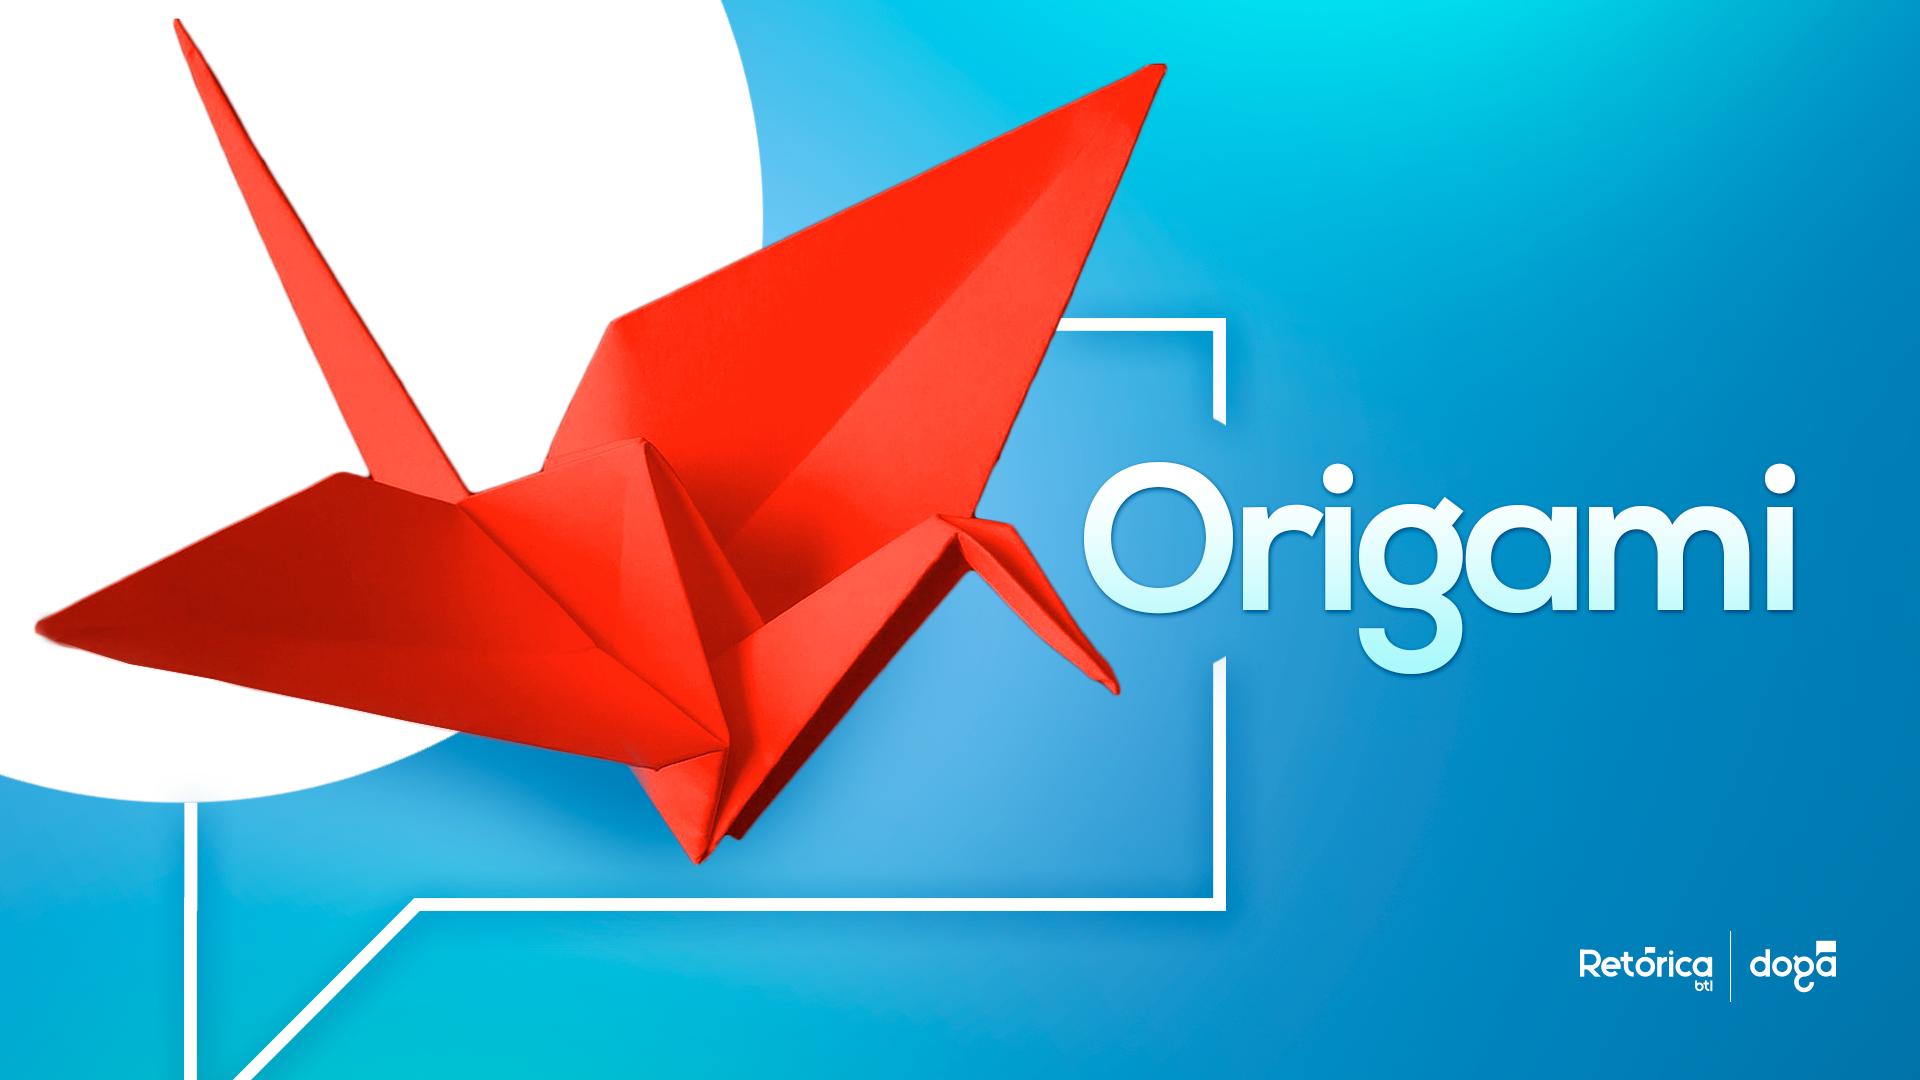 17_03_23_Origami_3